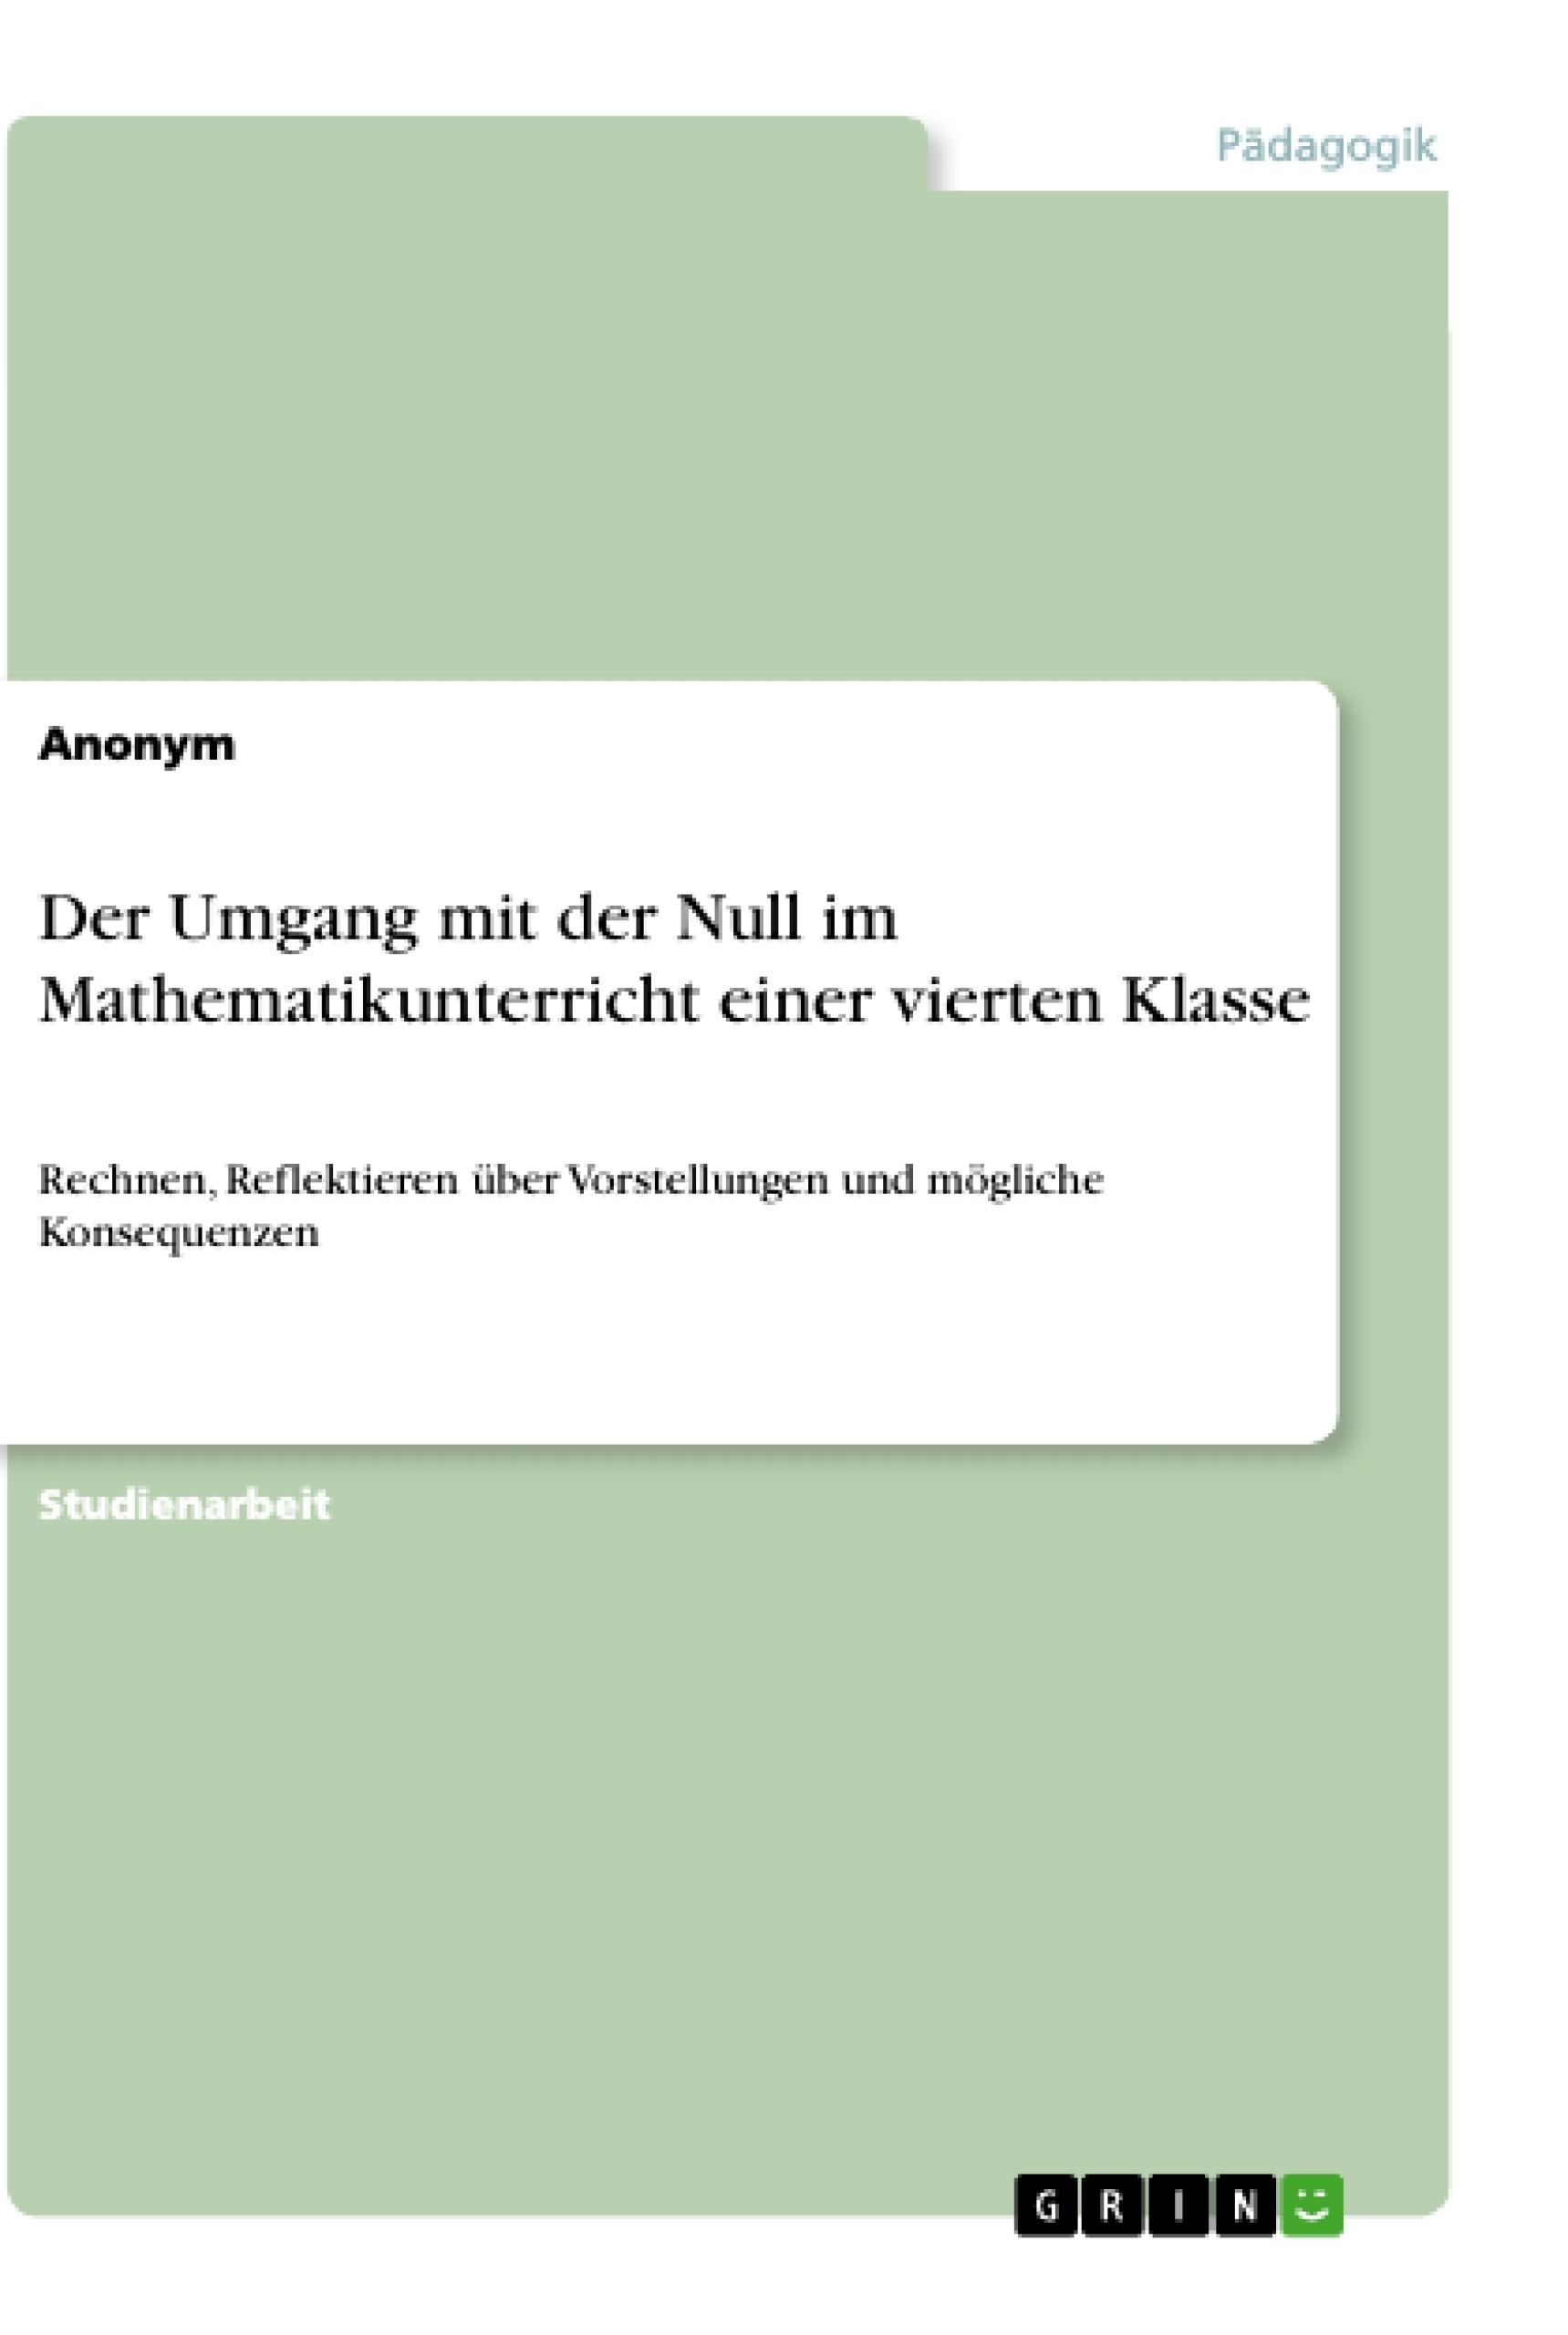 Titel: Der Umgang mit der Null im Mathematikunterricht einer vierten Klasse